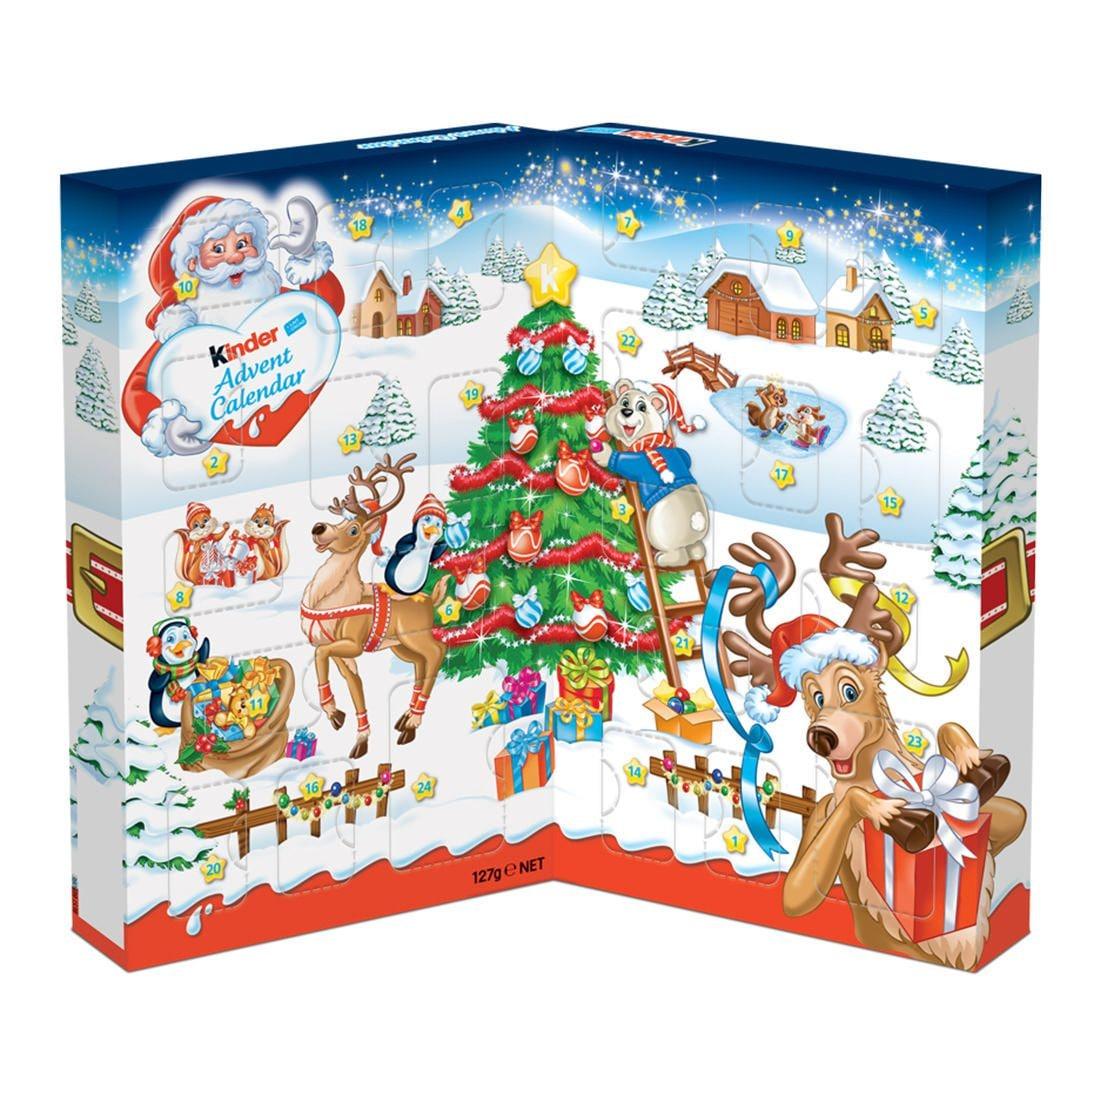 킨더 초콜릿 책모양 어드벤트 캘린더 127g 크리스마스